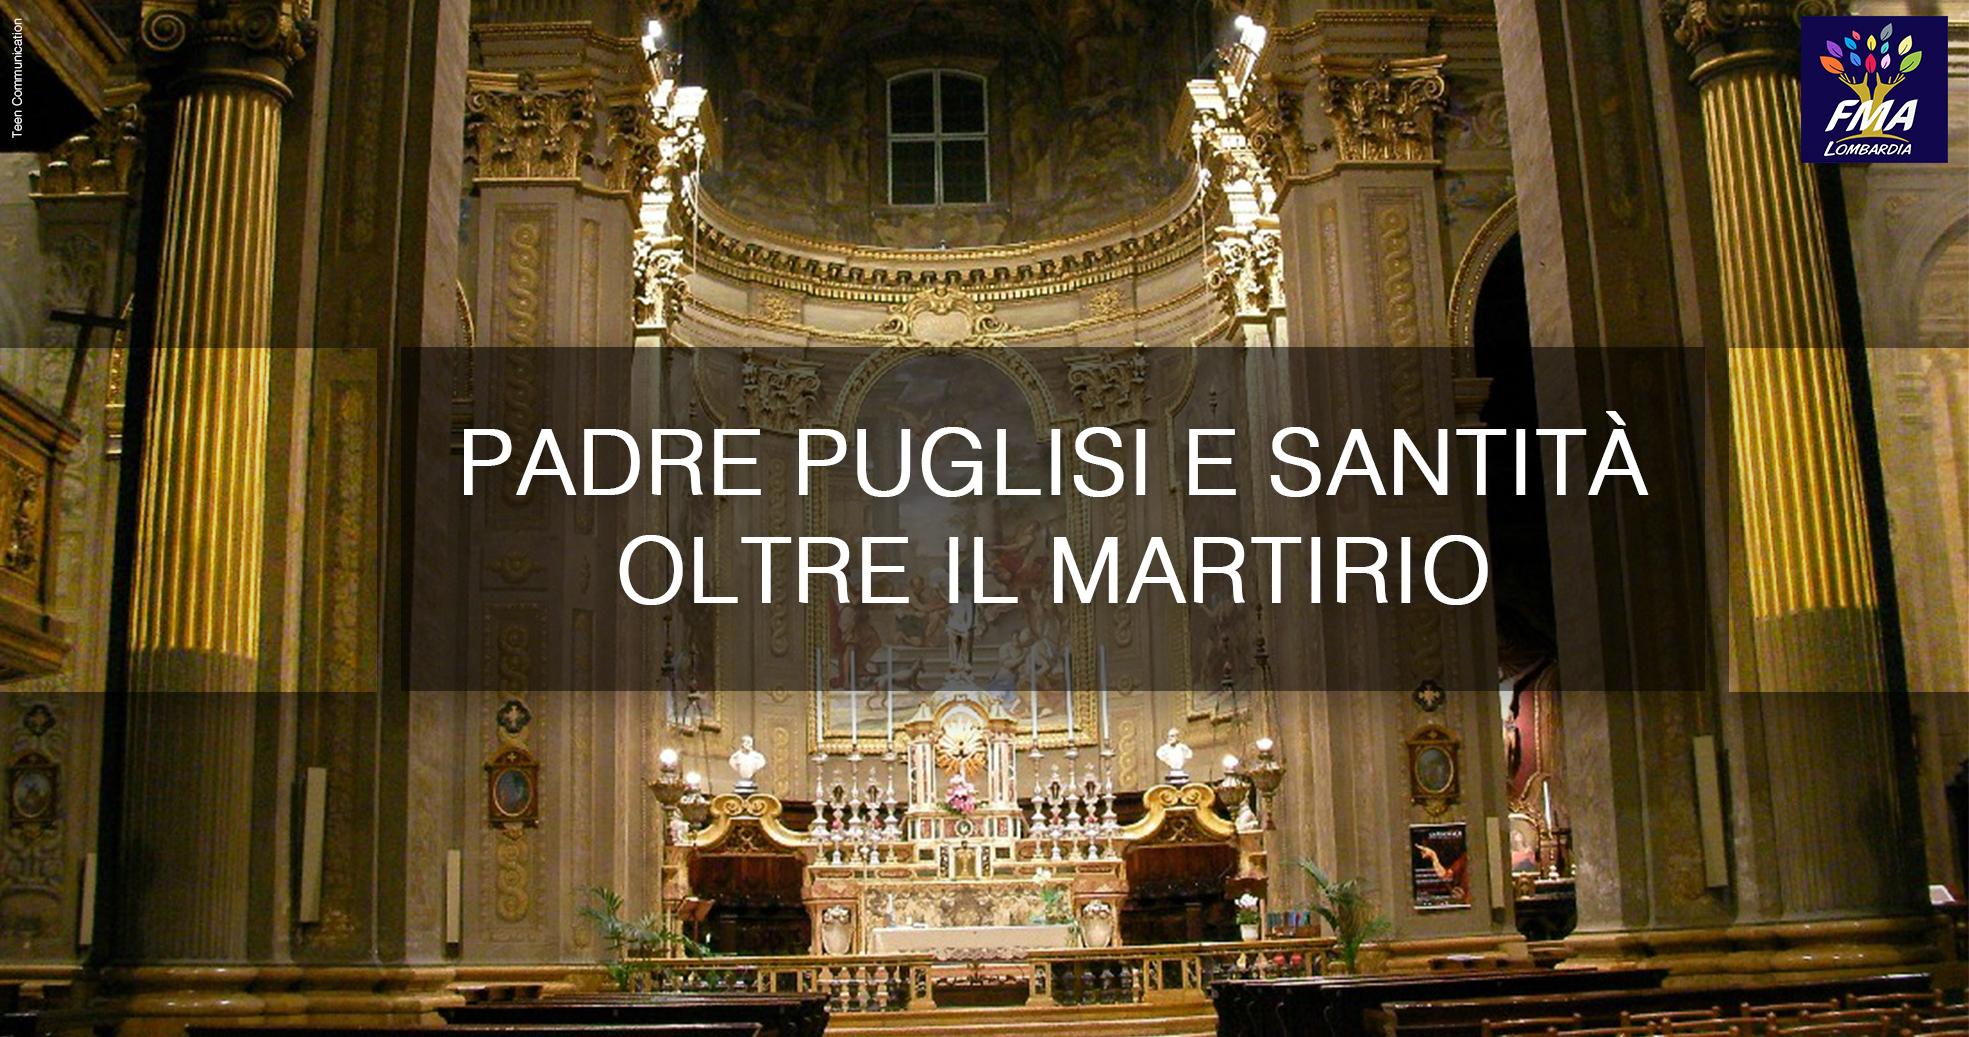 Padre Puglisi e santità oltre il martirio